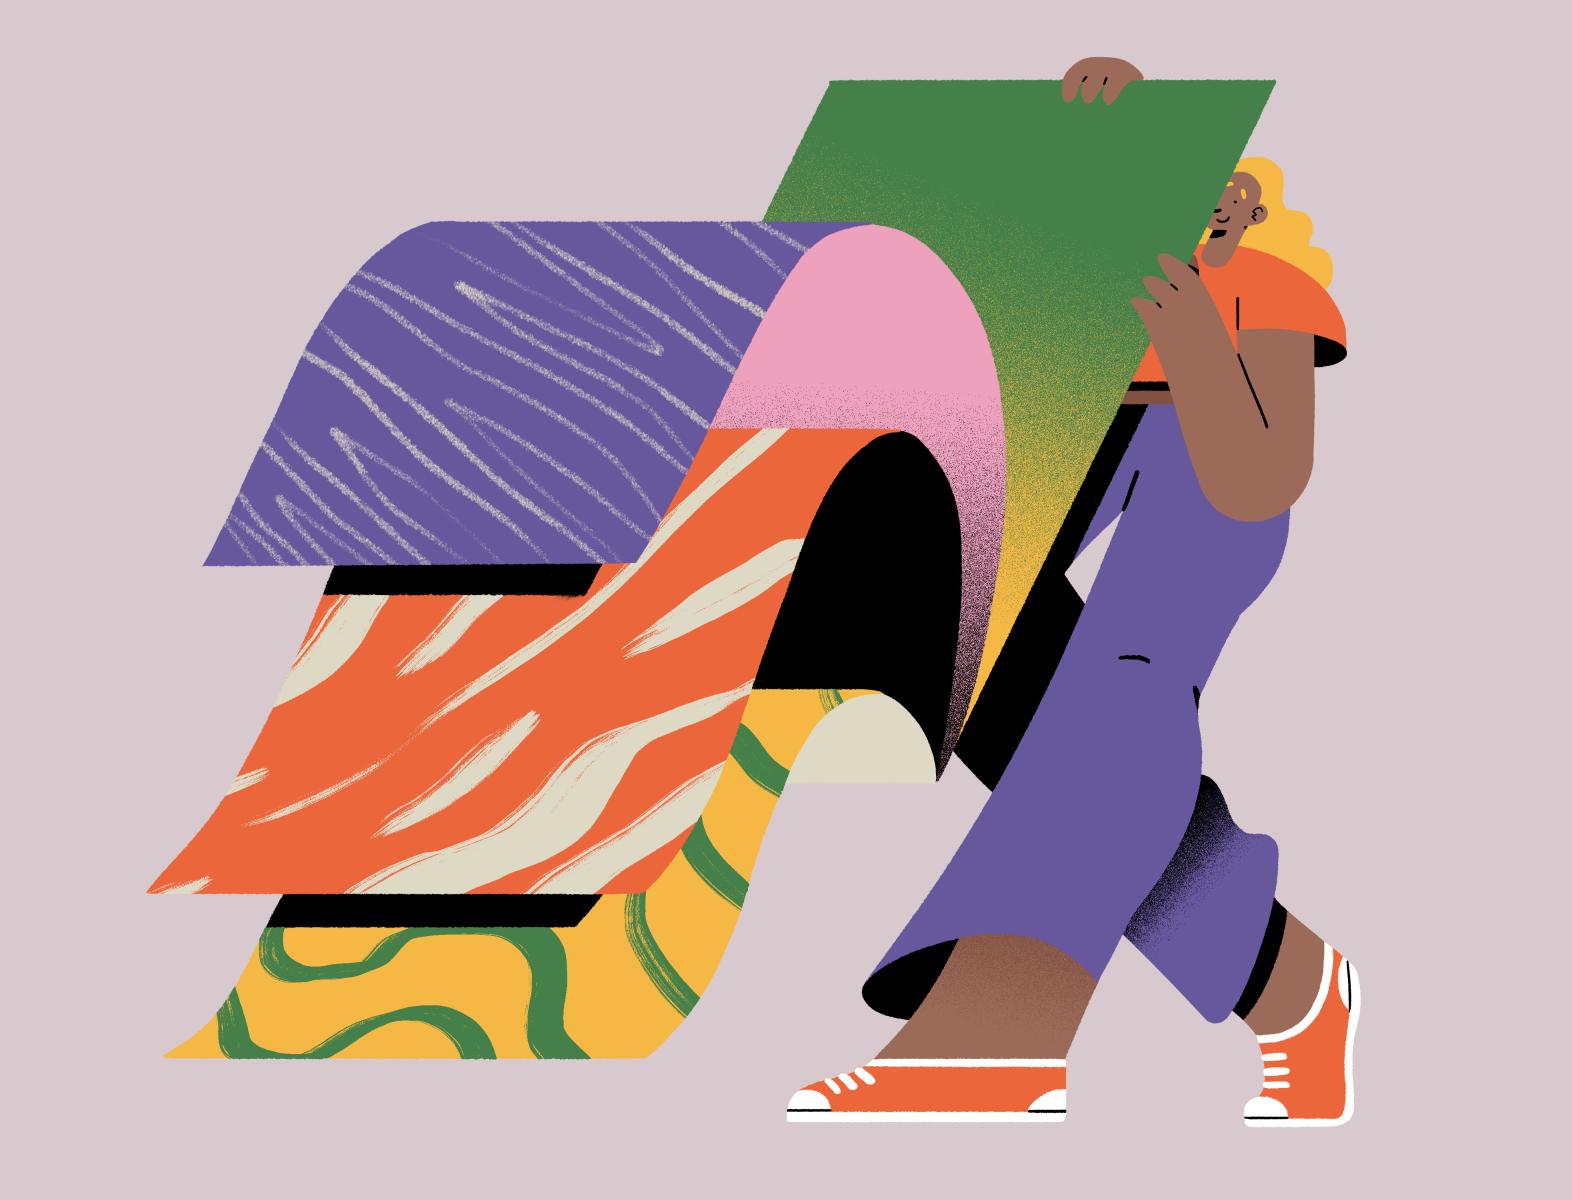 Layers by Lucas Wakamatsu